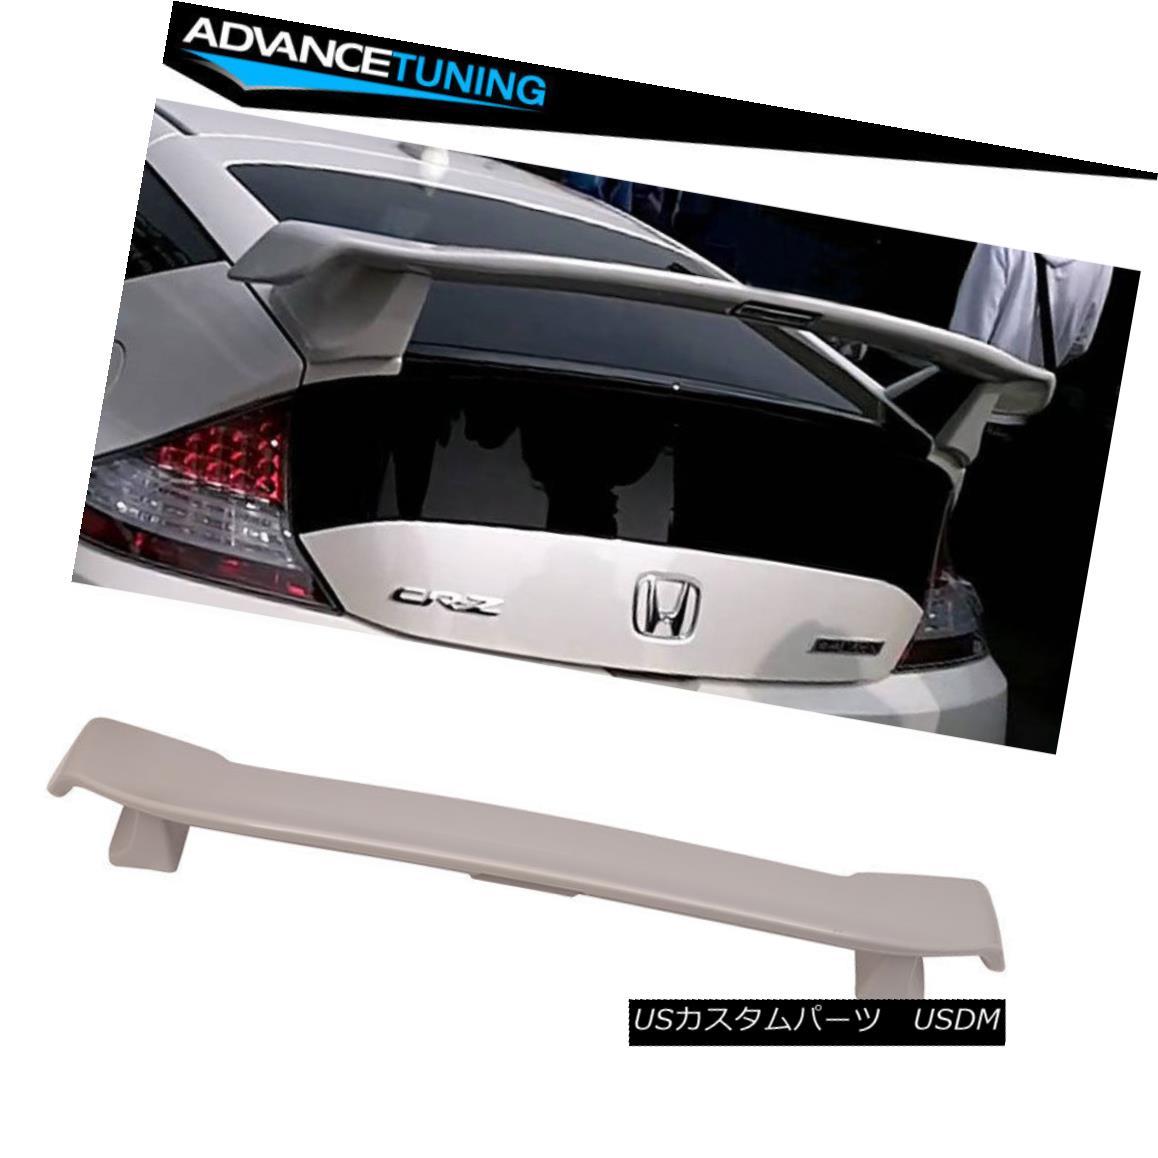 エアロパーツ Fits 11-15 Honda CR-Z CRZ 2Dr Mugen Style MU ABS Hatch Trunk Spoiler Unpainted フィット11~15ホンダCR-Z CRZ 2Dr無限スタイルMU ABSハッチトランクスポイラー無塗装